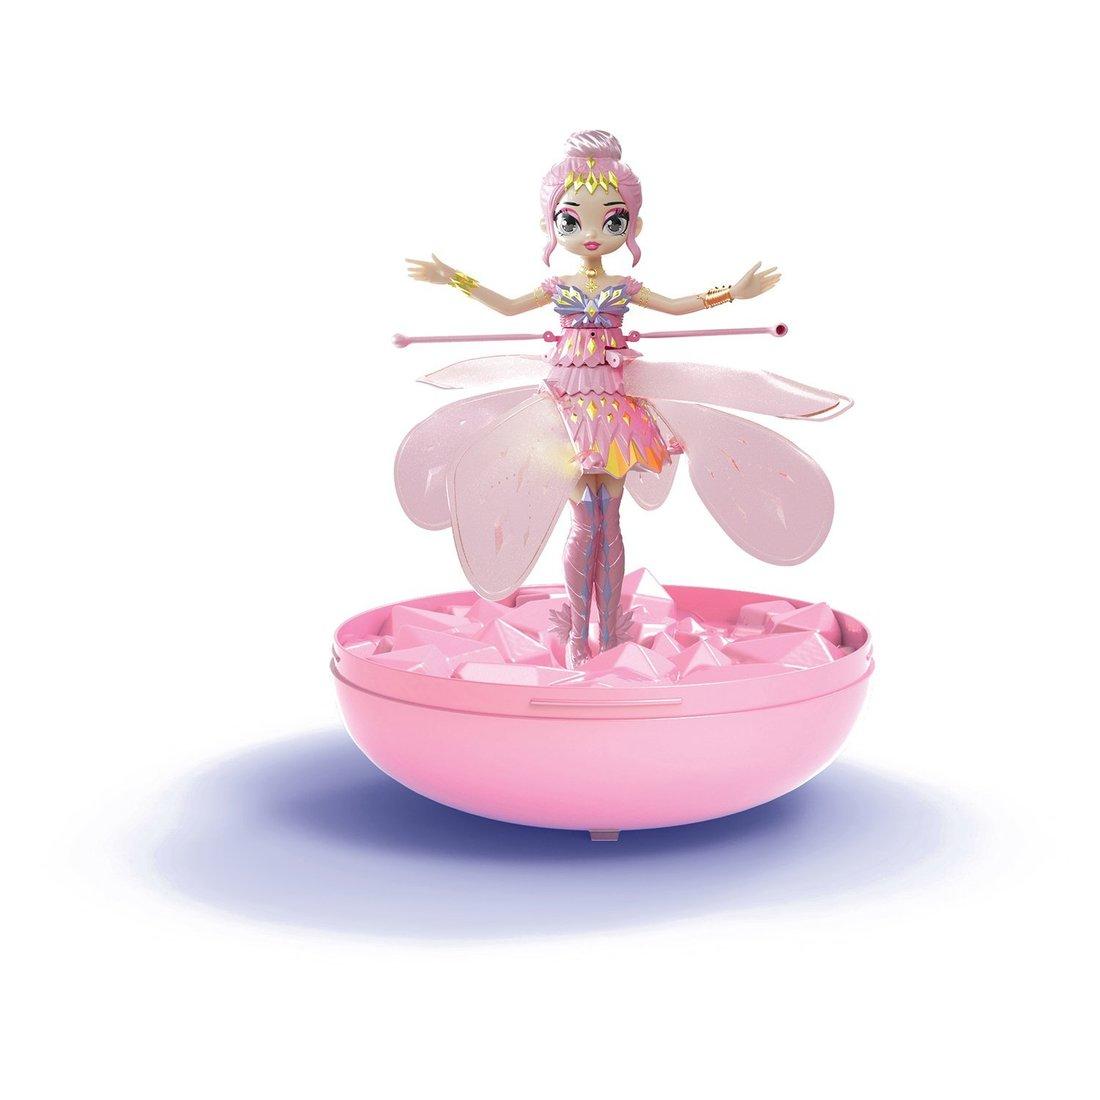 Кукла интерактивная Хэтчималс Пикси 1